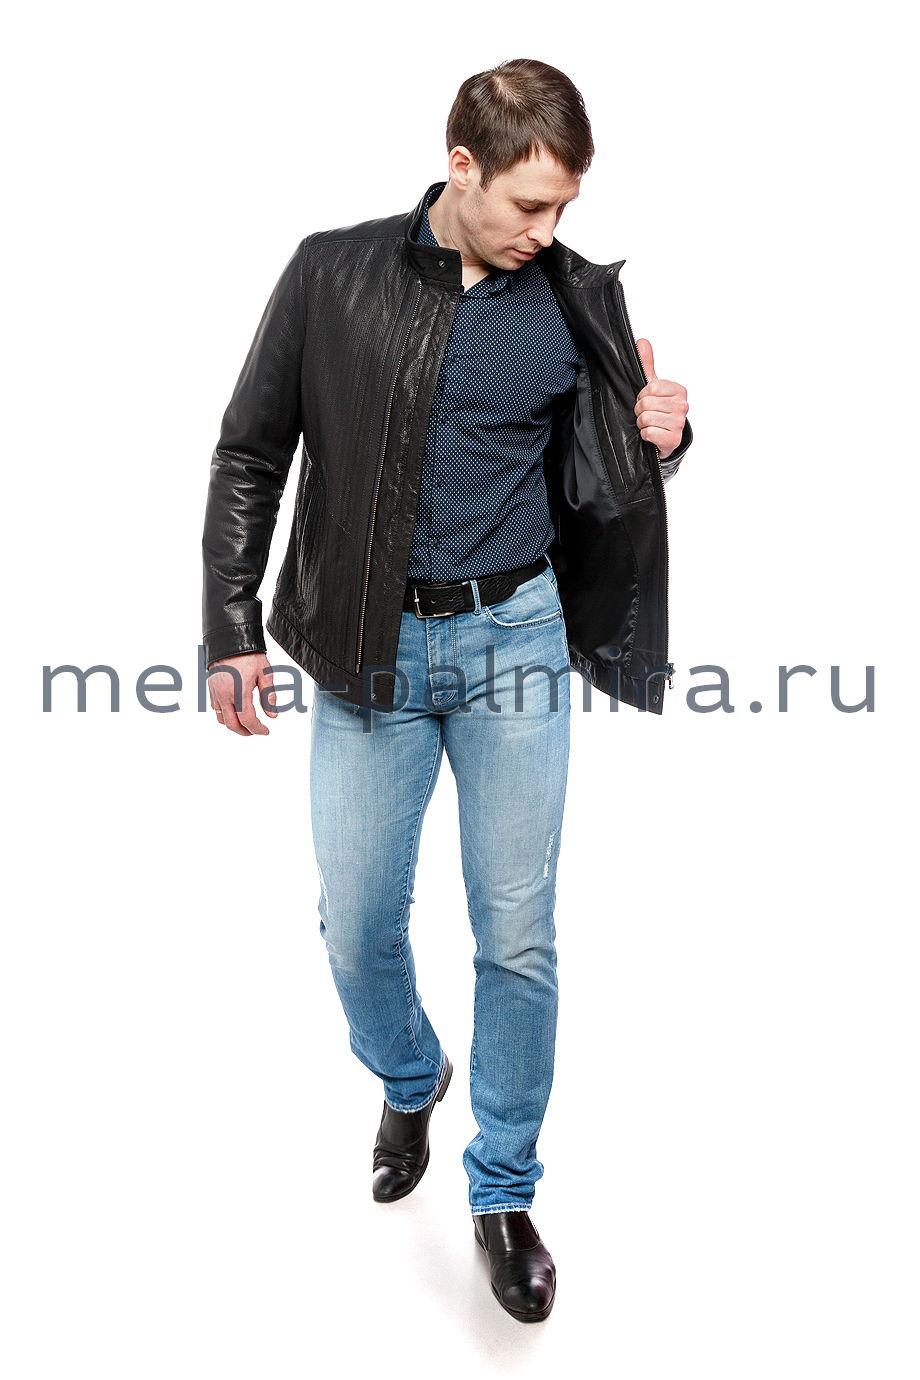 Мужская кожаная куртка на молнии